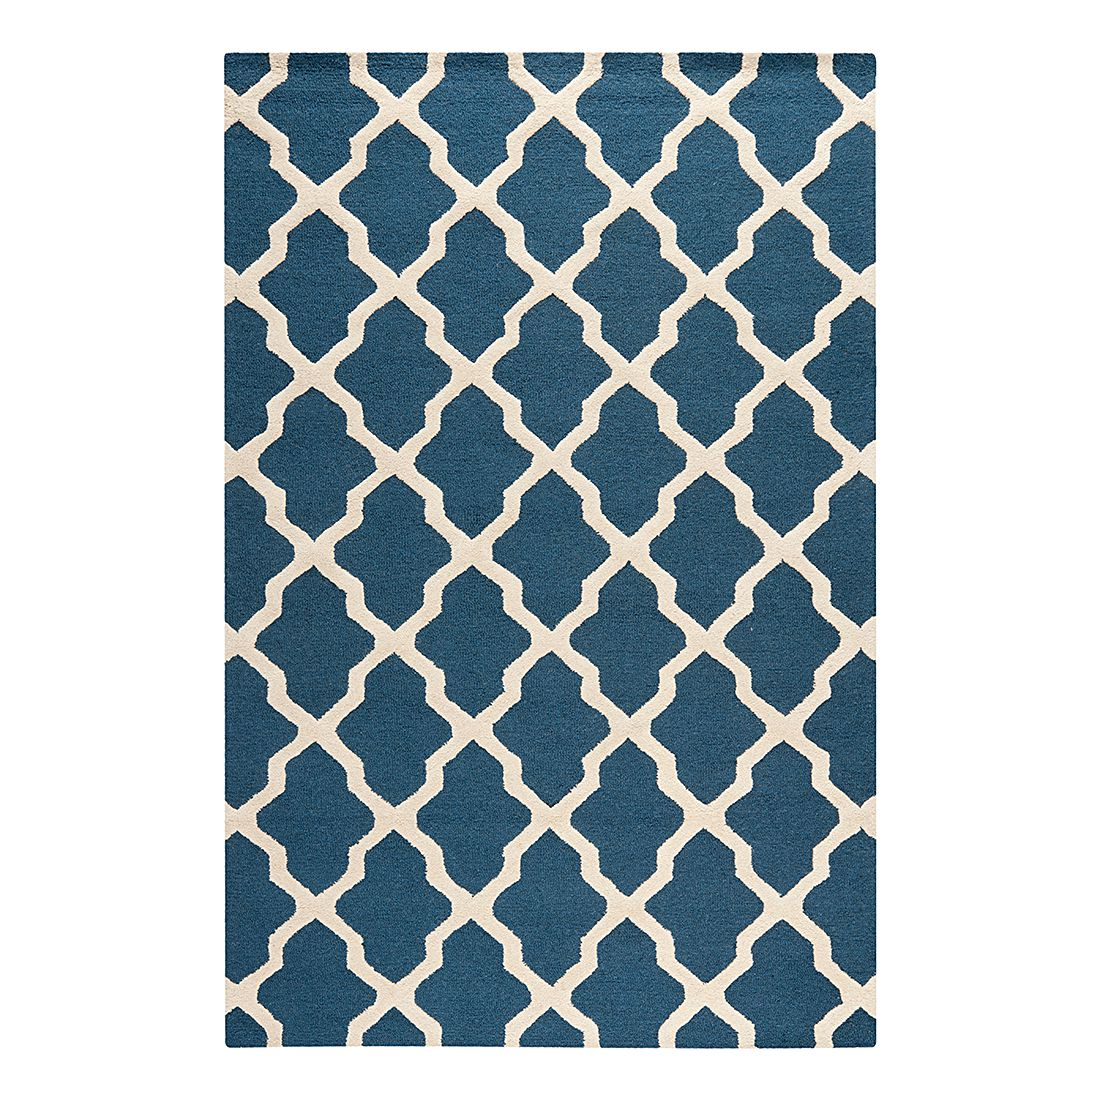 Teppich Ava – Marine/Elfenbein – Maße:  182 x 274  cm, Safavieh jetzt bestellen